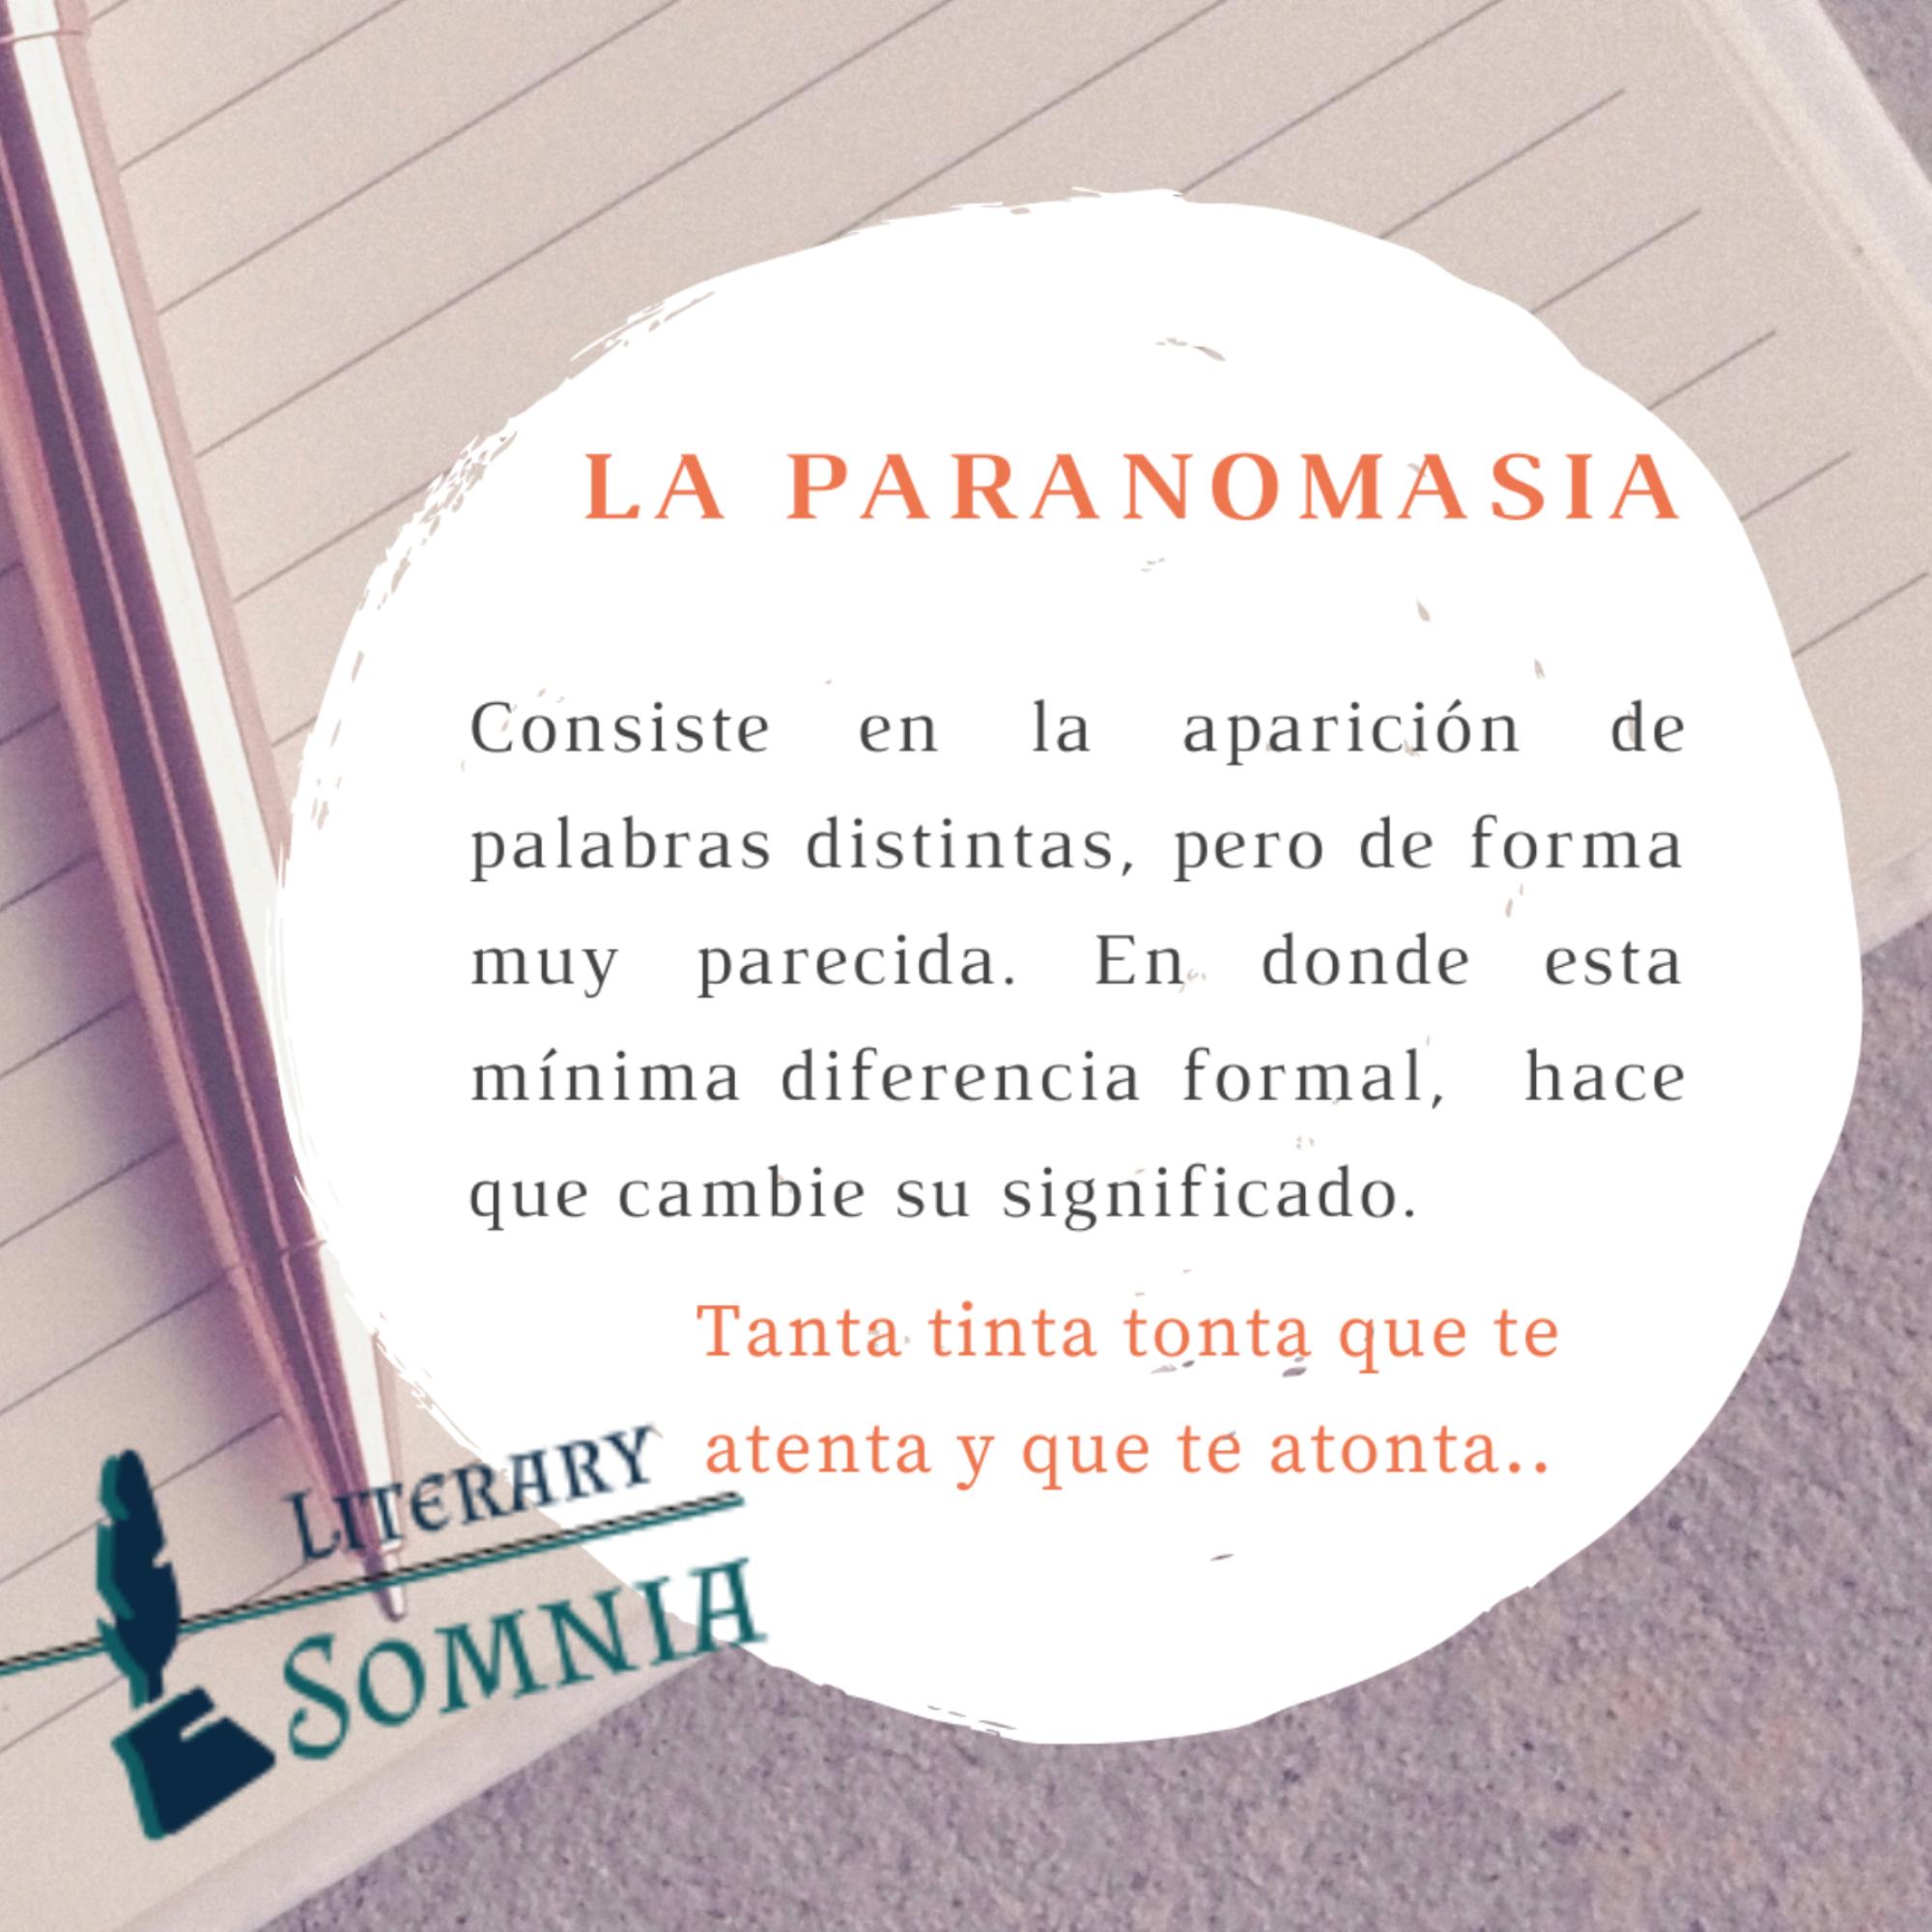 La Paranomasia